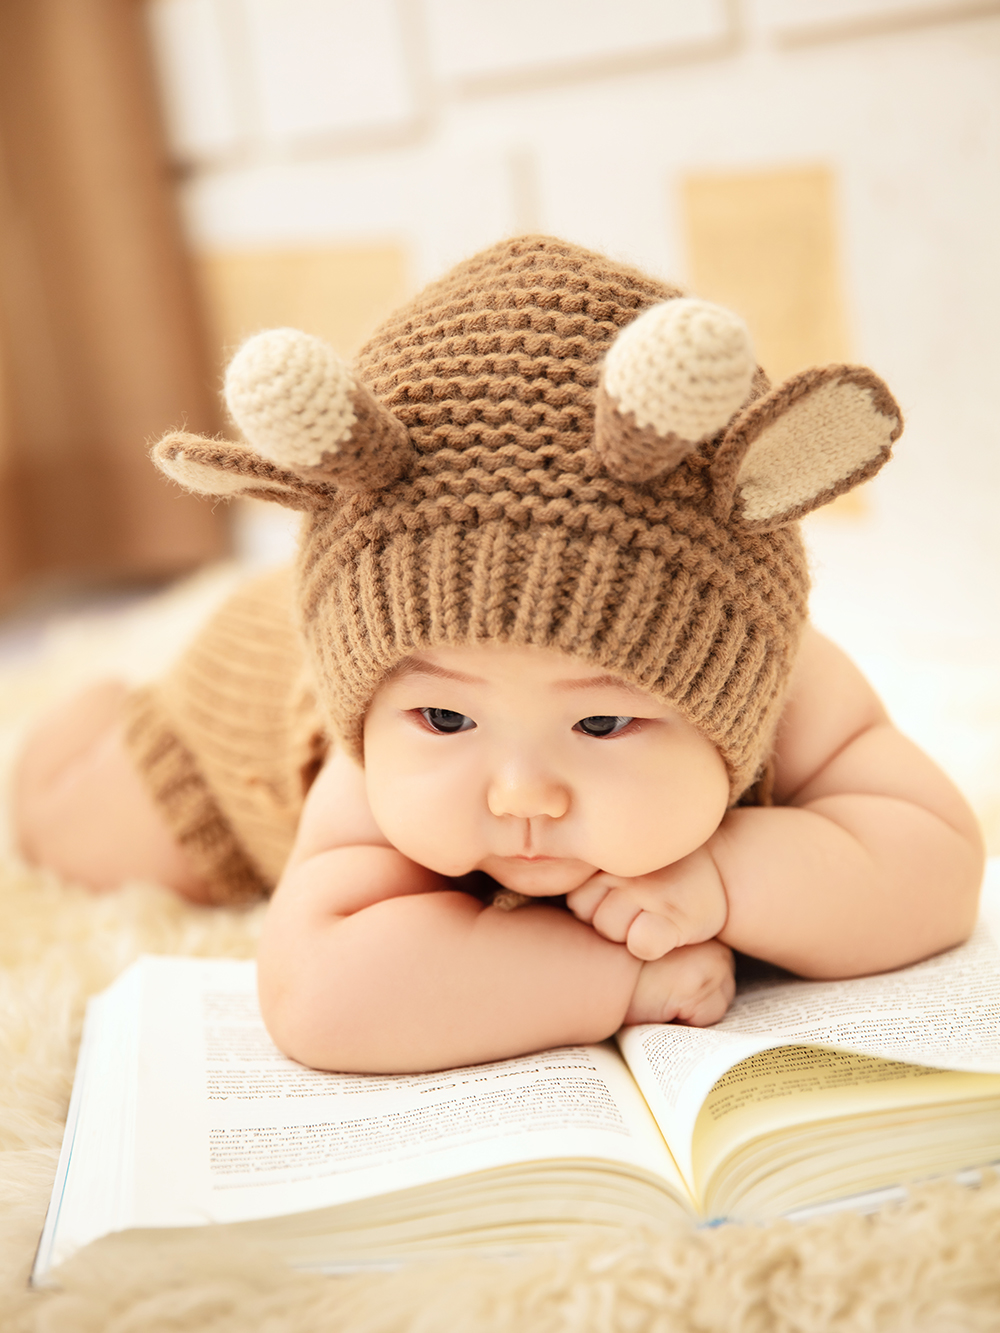 芳妮豆丁儿童摄影 适合秋冬拍的焦糖色百天照 | OCTD❤